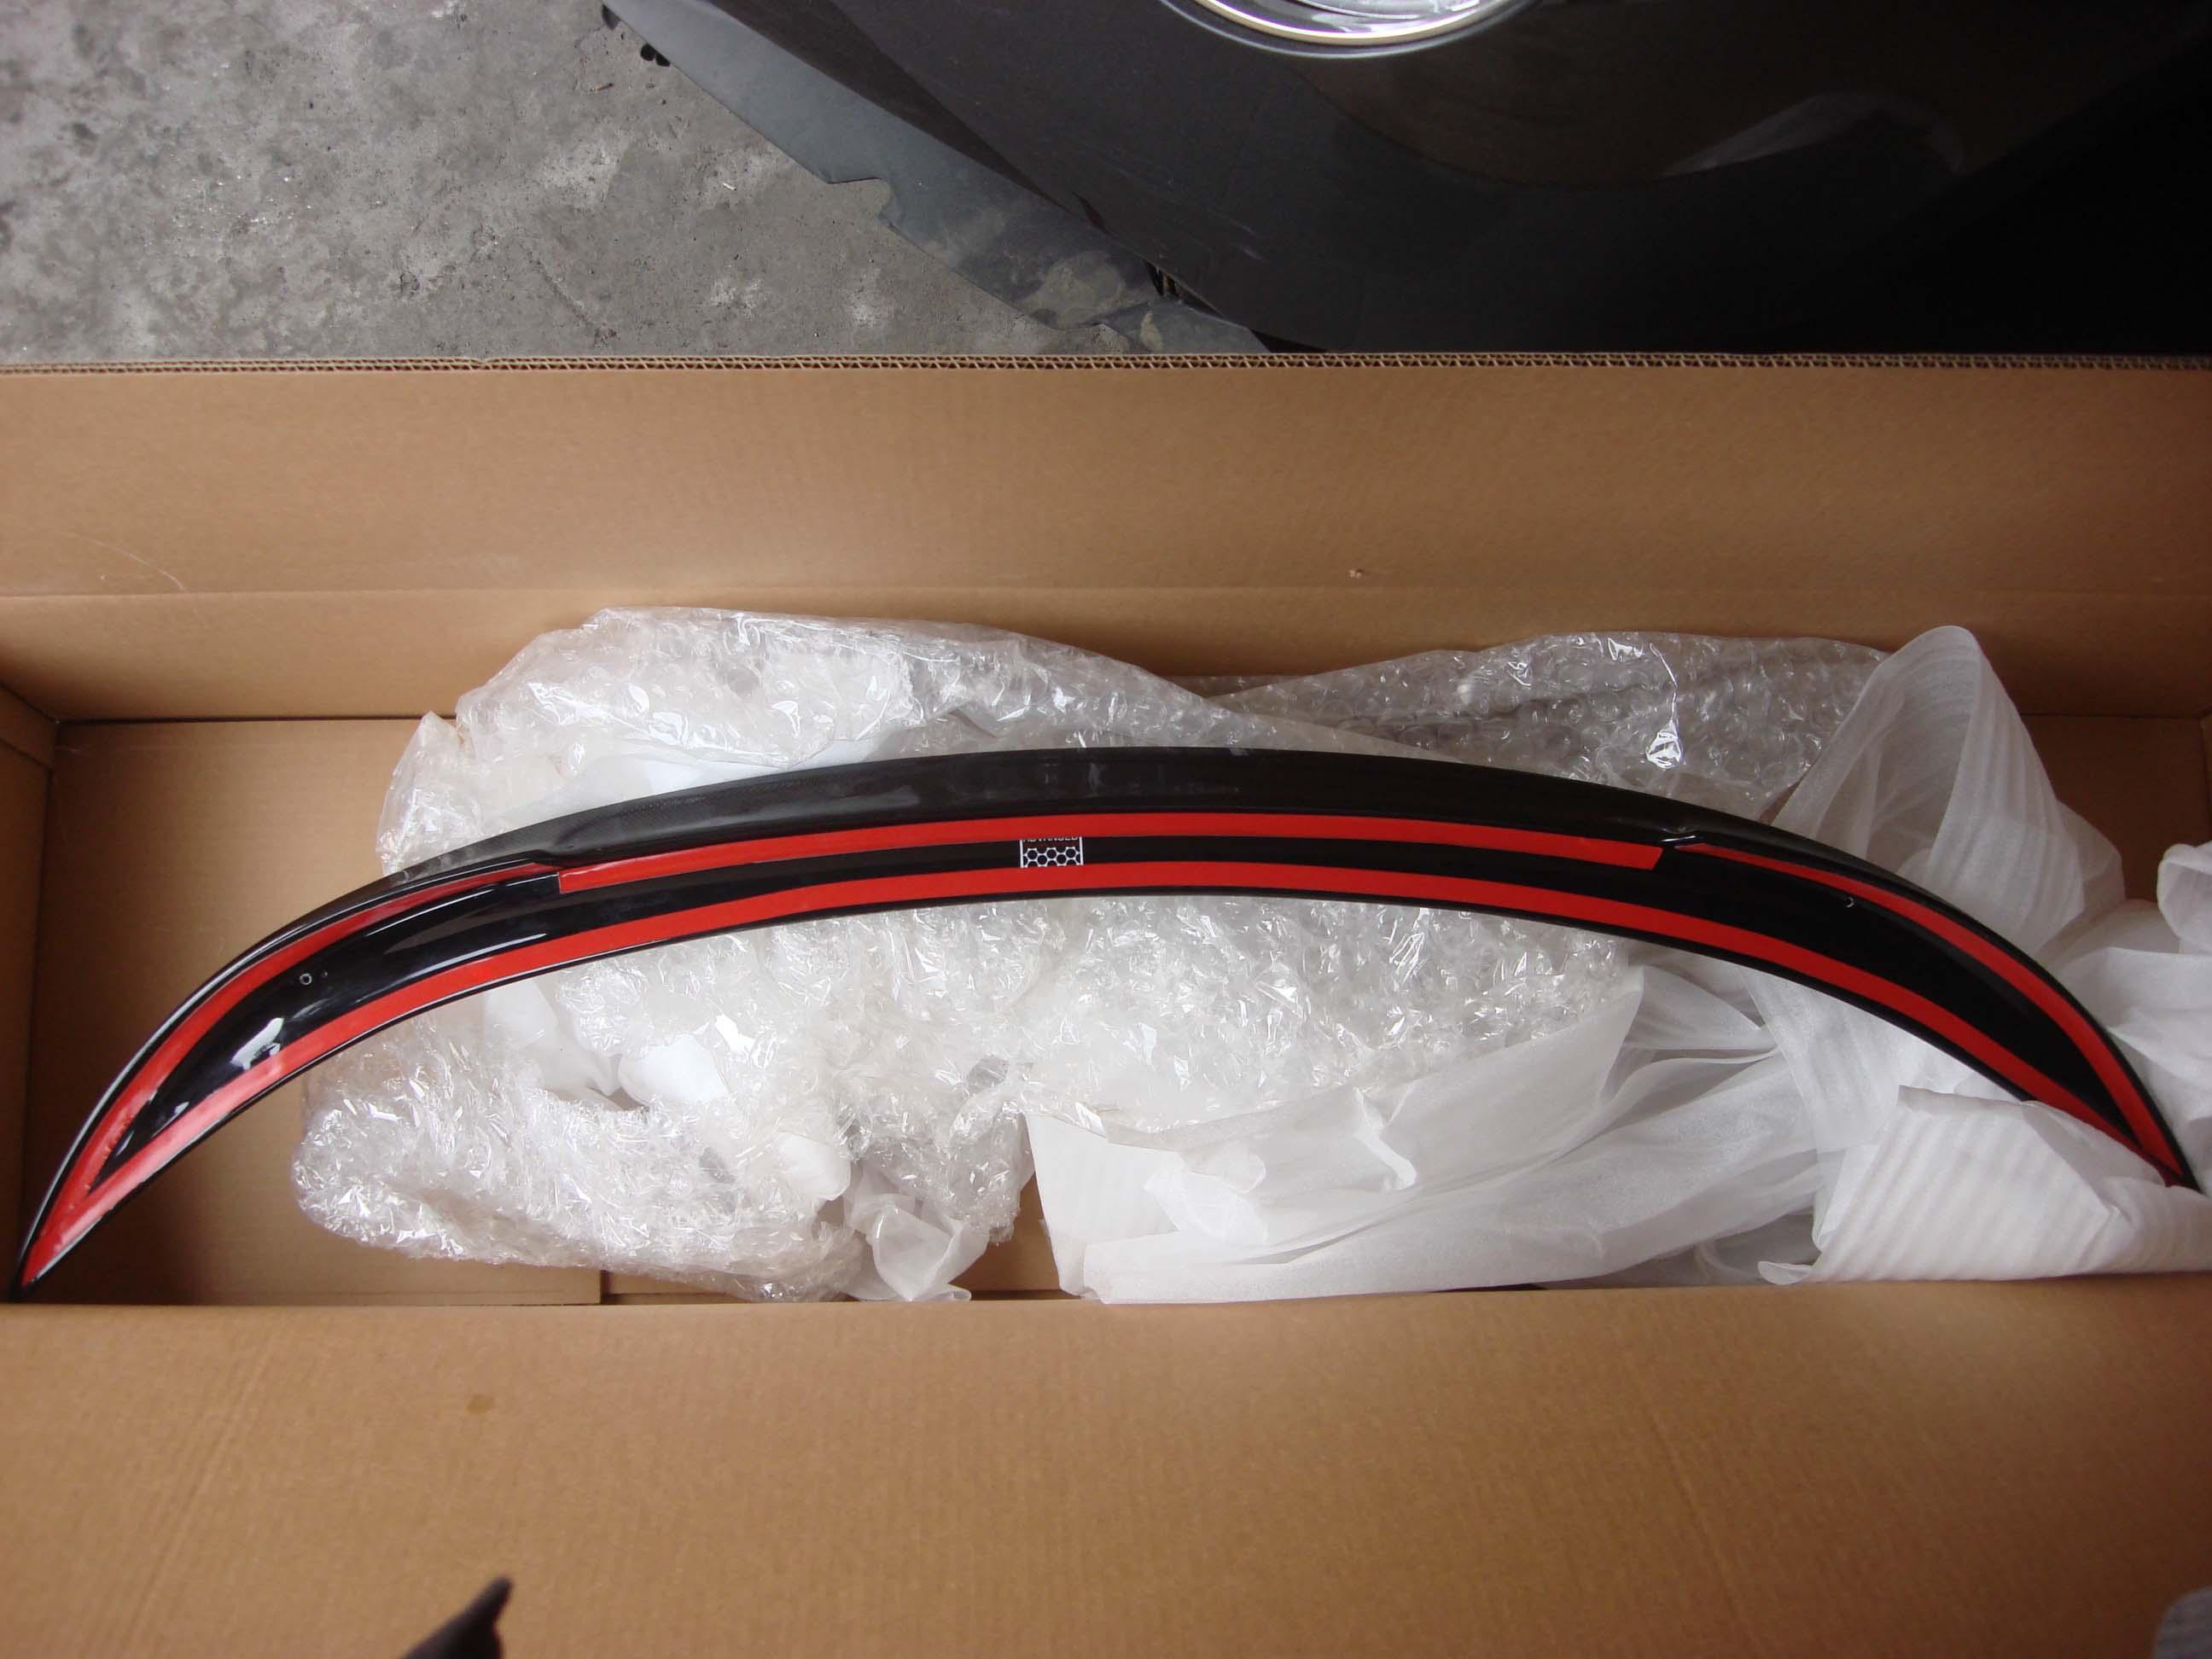 Brand New Vorsteiner Carbon Fiber Dec klid Spoiler for SALE.-4.jpg